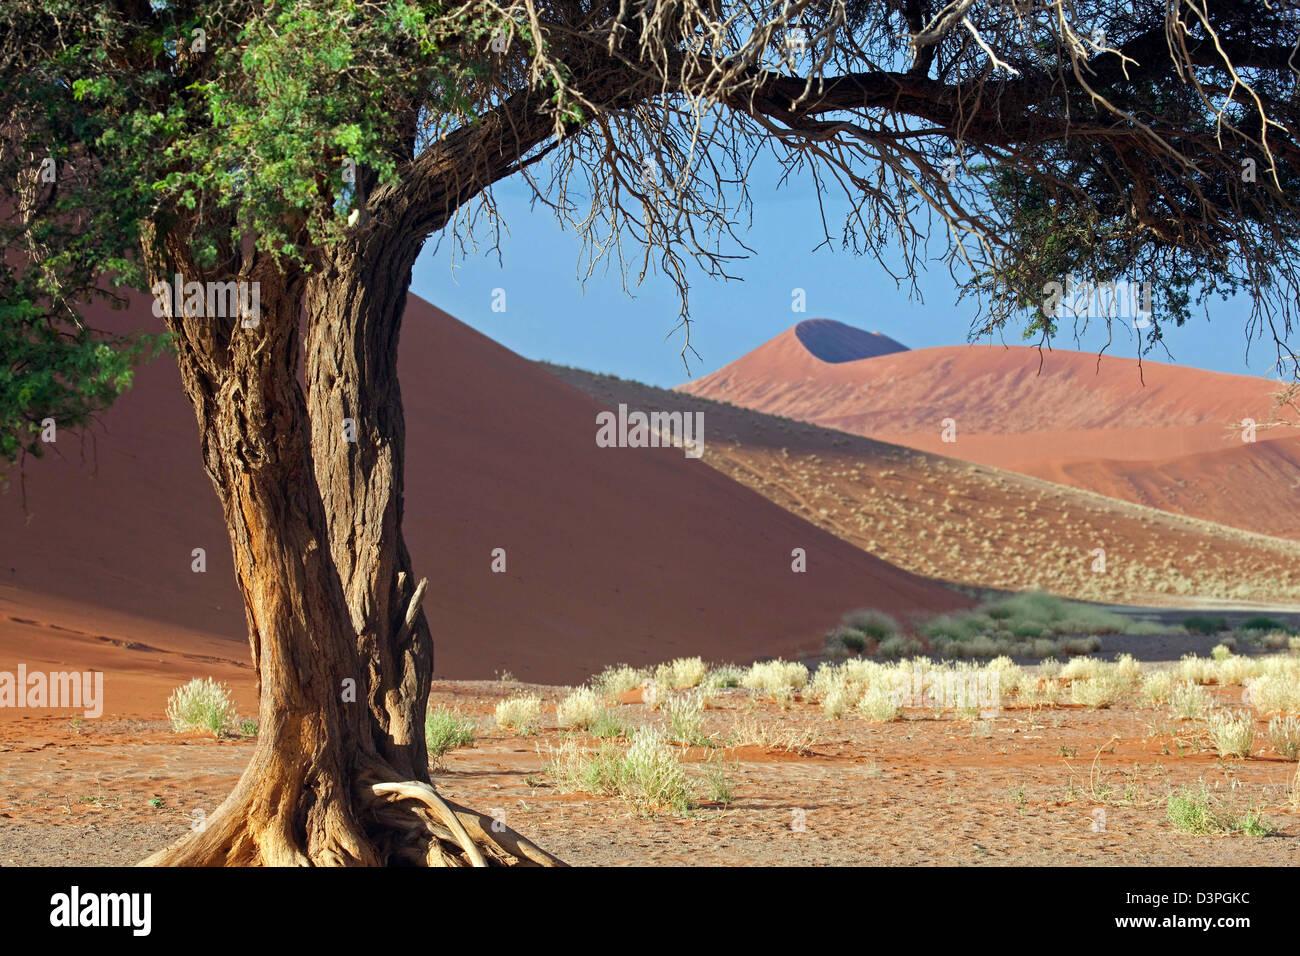 Acacia dans le désert du Namib Namib-Naukluft, à Sossusvlei, Namibie, Afrique du Sud Photo Stock